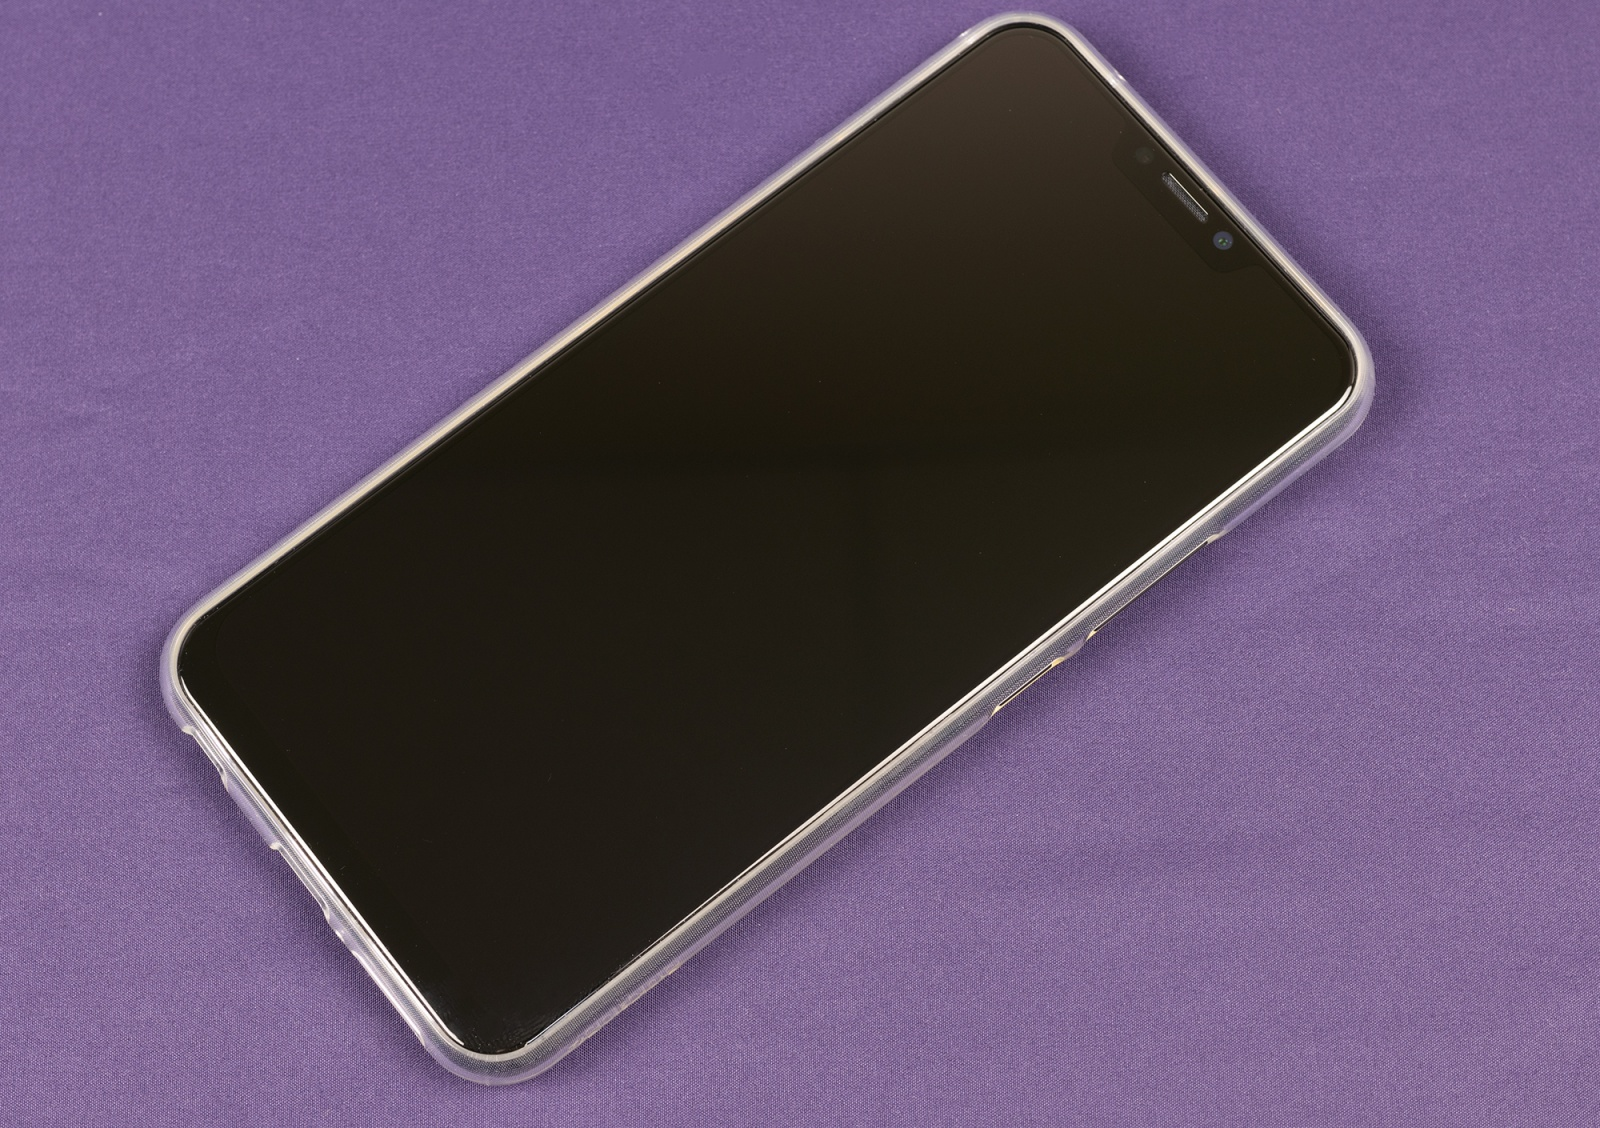 Обзор смартфона ASUS Zenfone 5 ZE620KL - 19